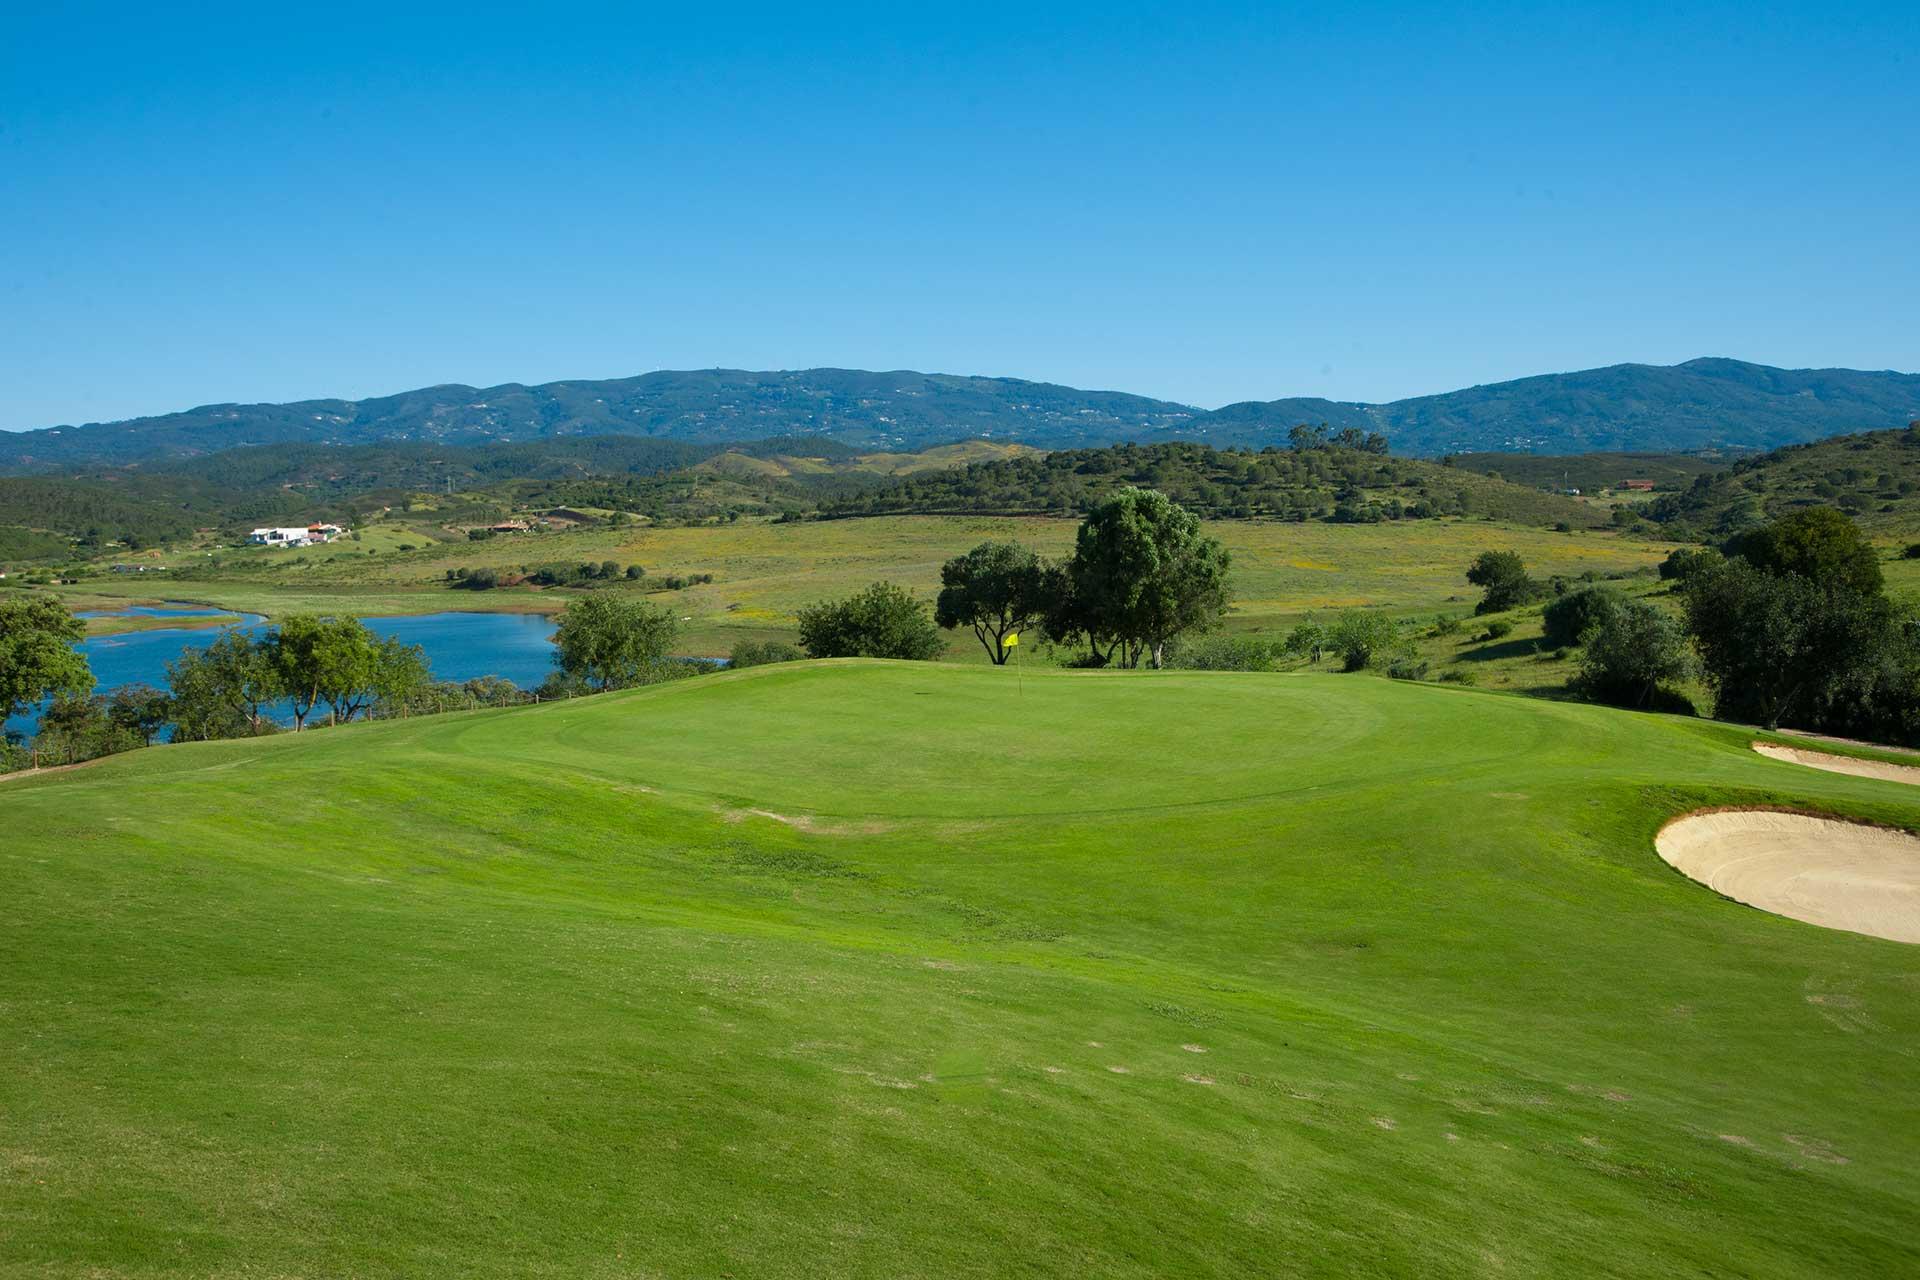 Golf-expedition-golfreizen-golfresort-Morgado-Golf-&-Country-Club-Alamos-6th-green